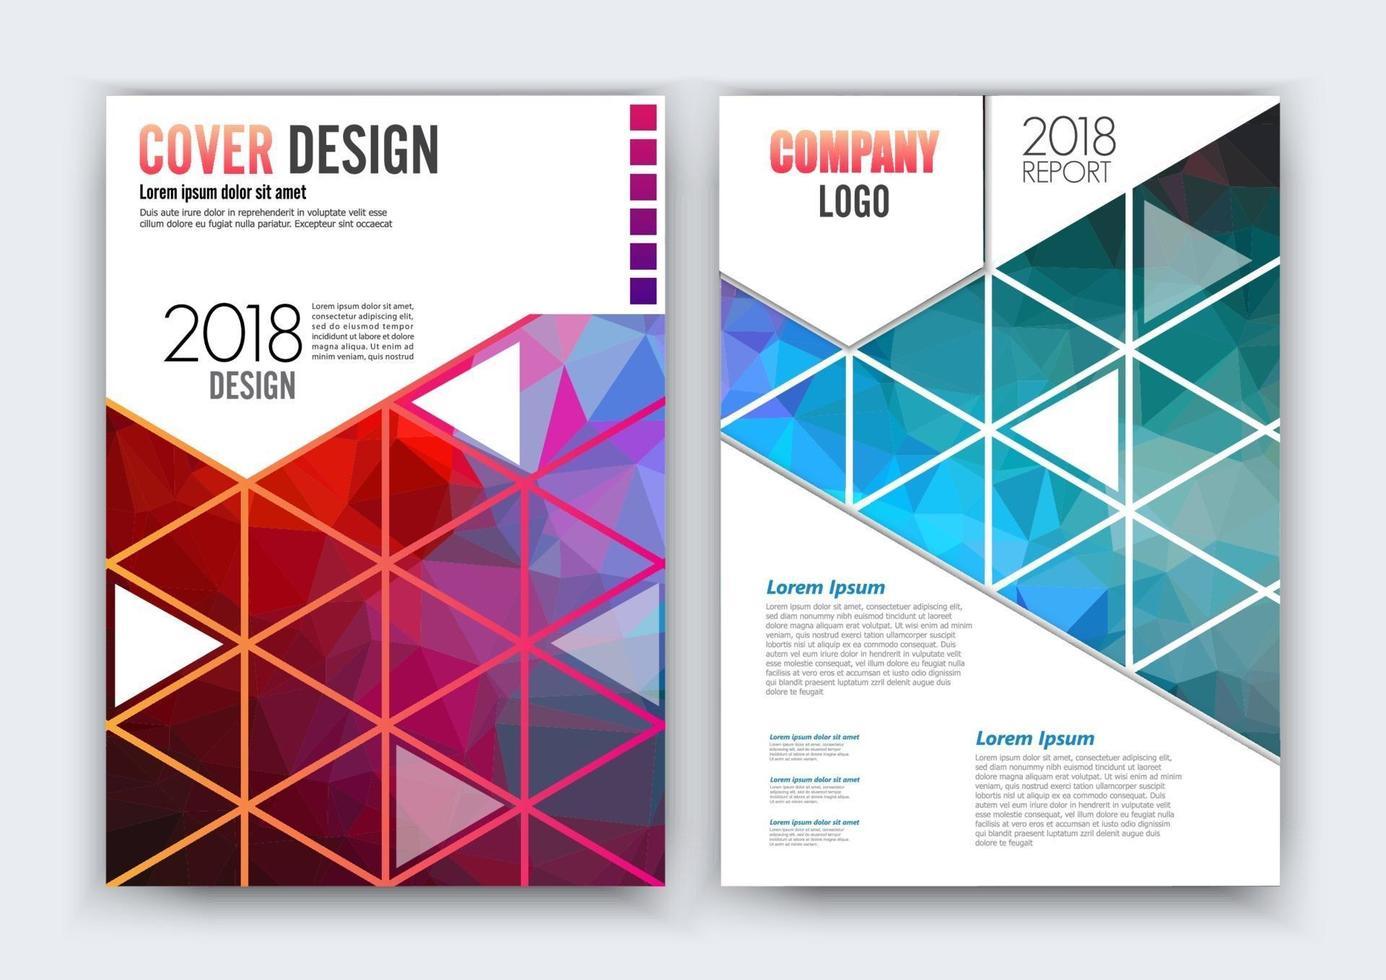 Vektorbroschüre Flyer Design Layout-Vorlage, Größe a4. Kurvendesign, elegantes Layout mit Platz für Text und Bilder. vektor